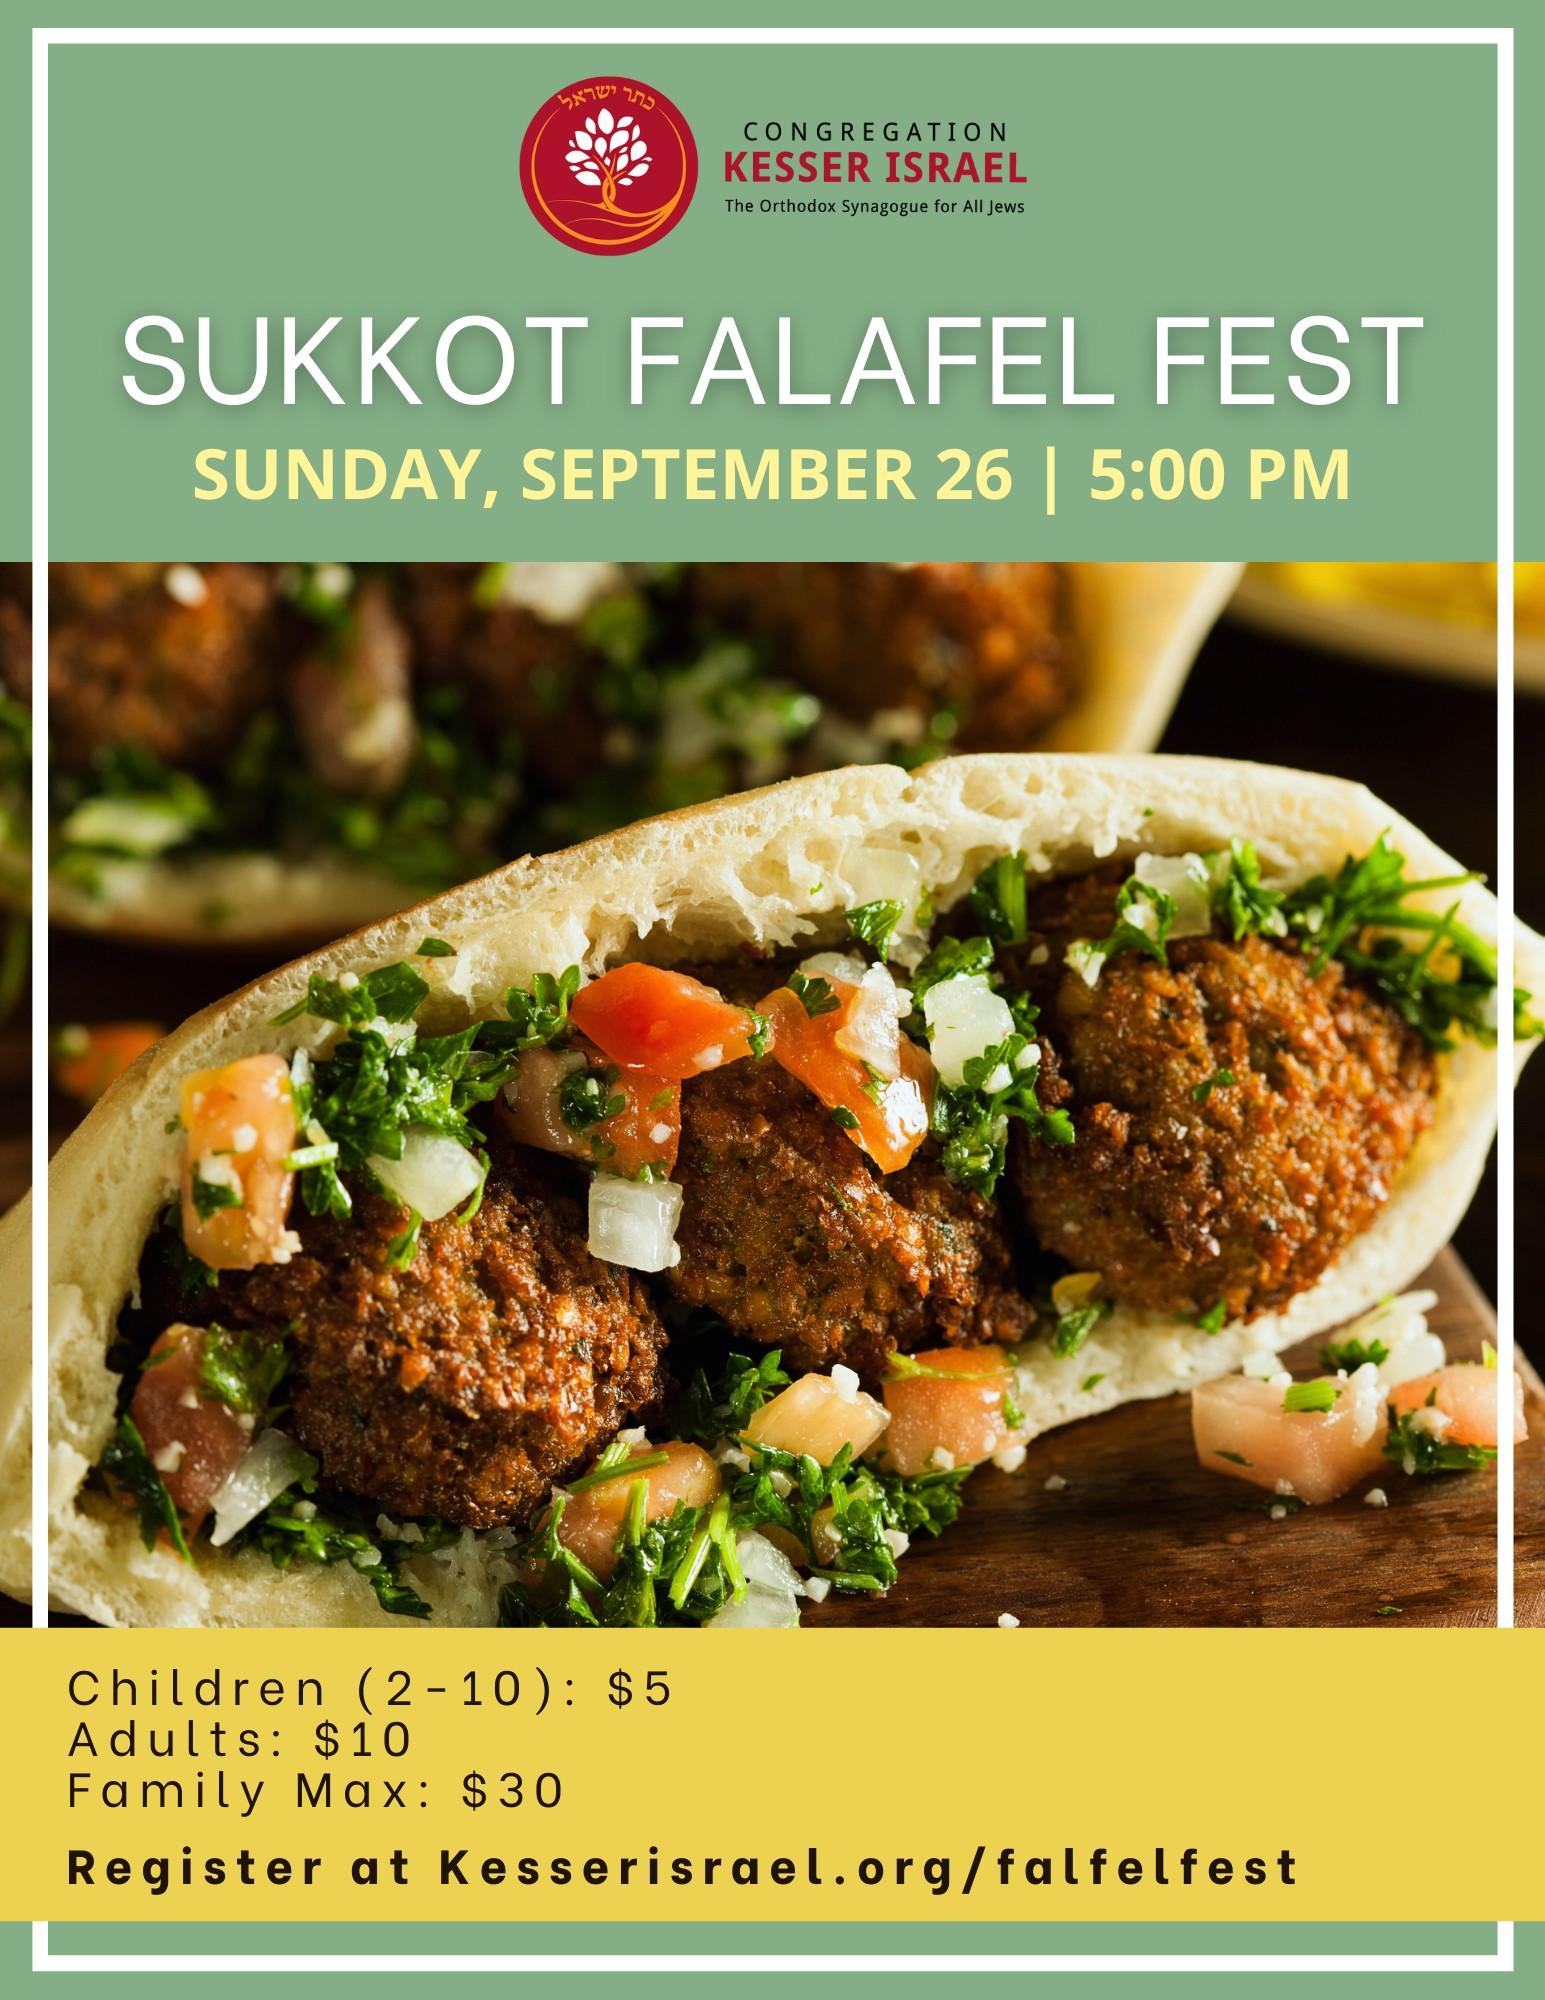 Banner Image for Sukkot Falafel Fest